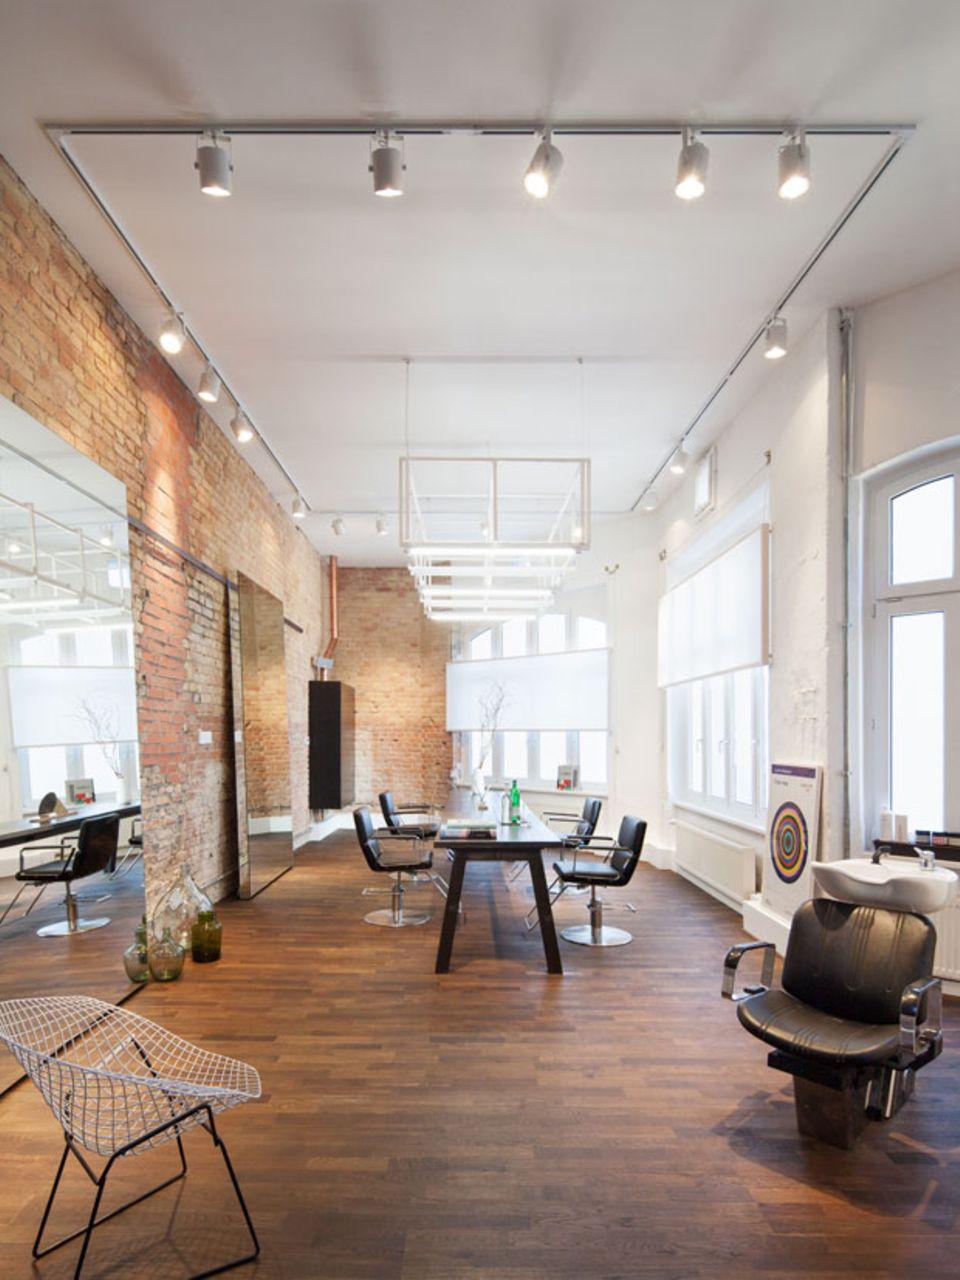 Kommunikativ statt unpersönlich: Der zentrale Tisch im loftigen Studio in Berlin-Mitte lädt die Kunden dazu ein, untereinander zu quatschen